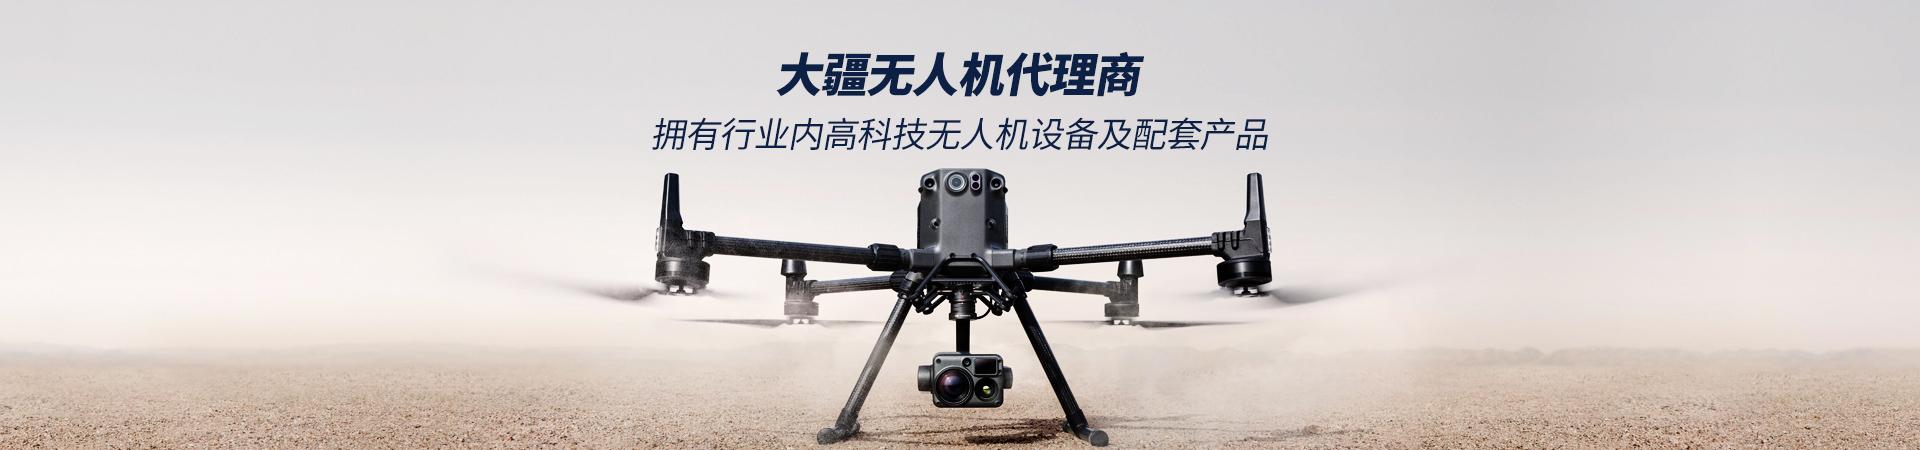 能飞航空-大疆无人机代理商